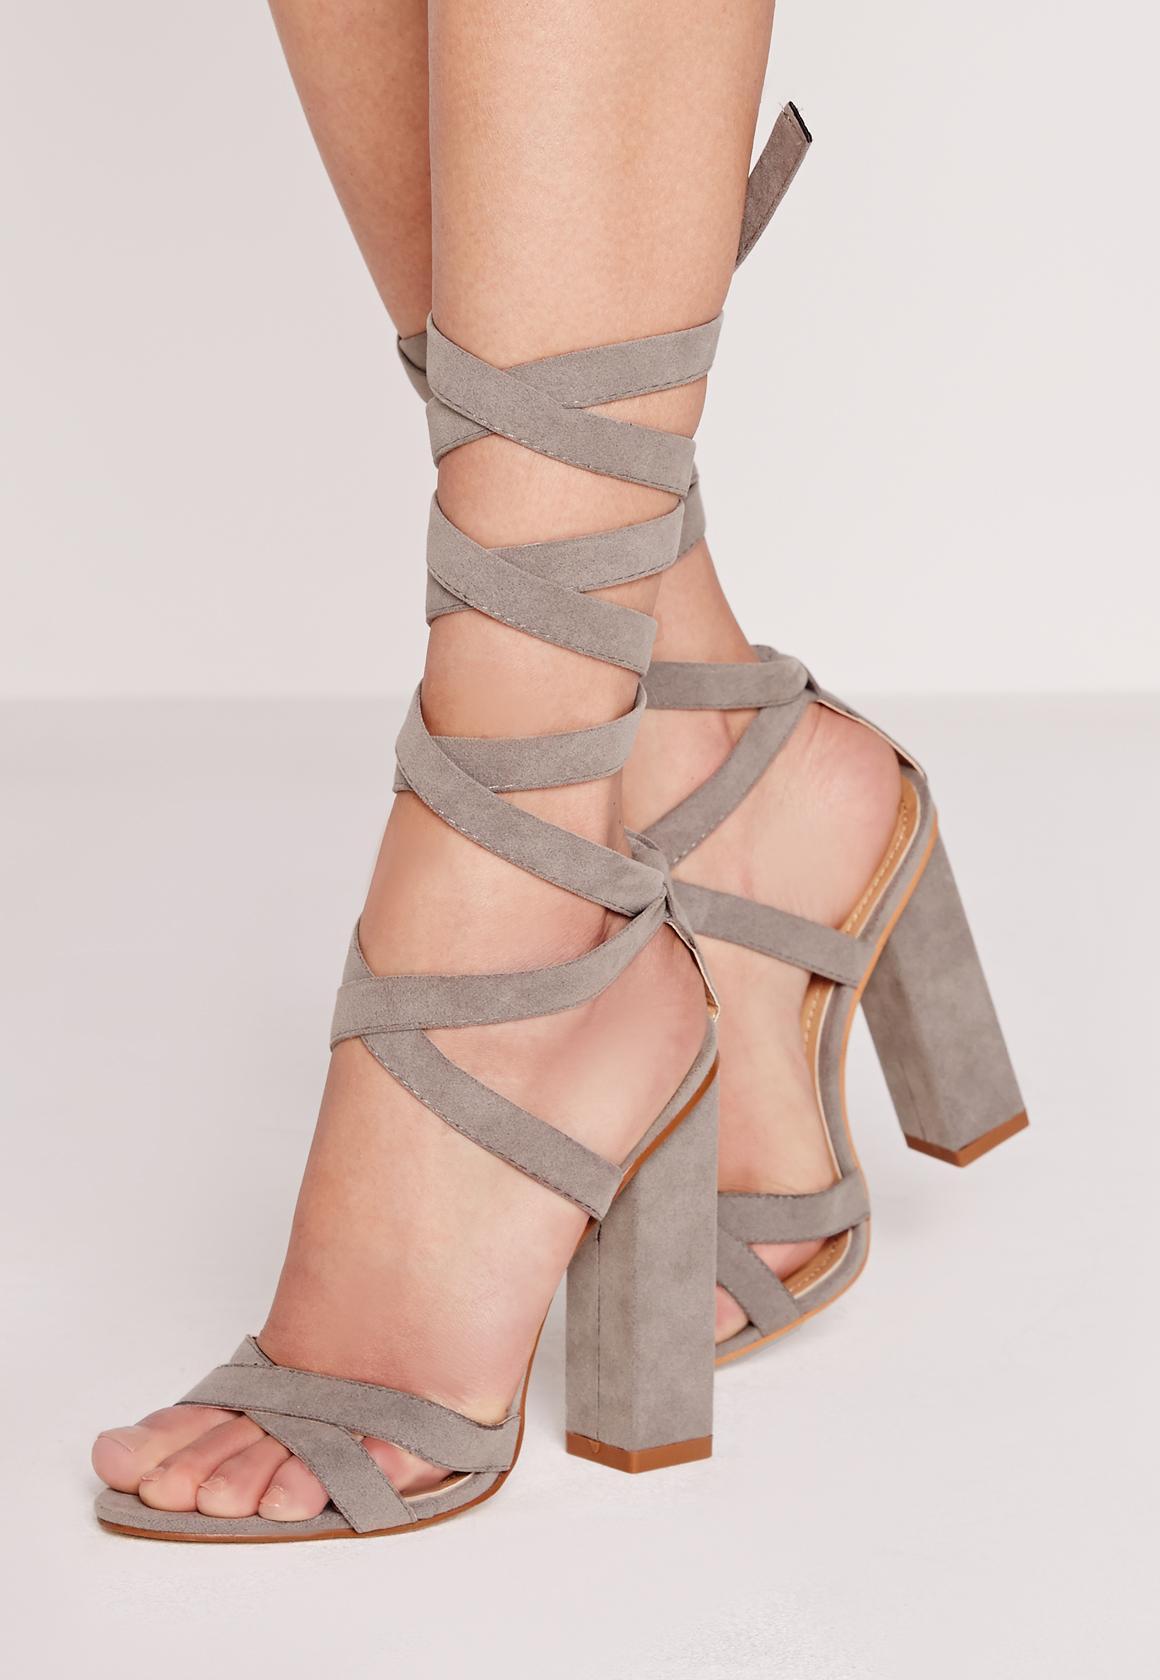 Yoox Shoes Uk